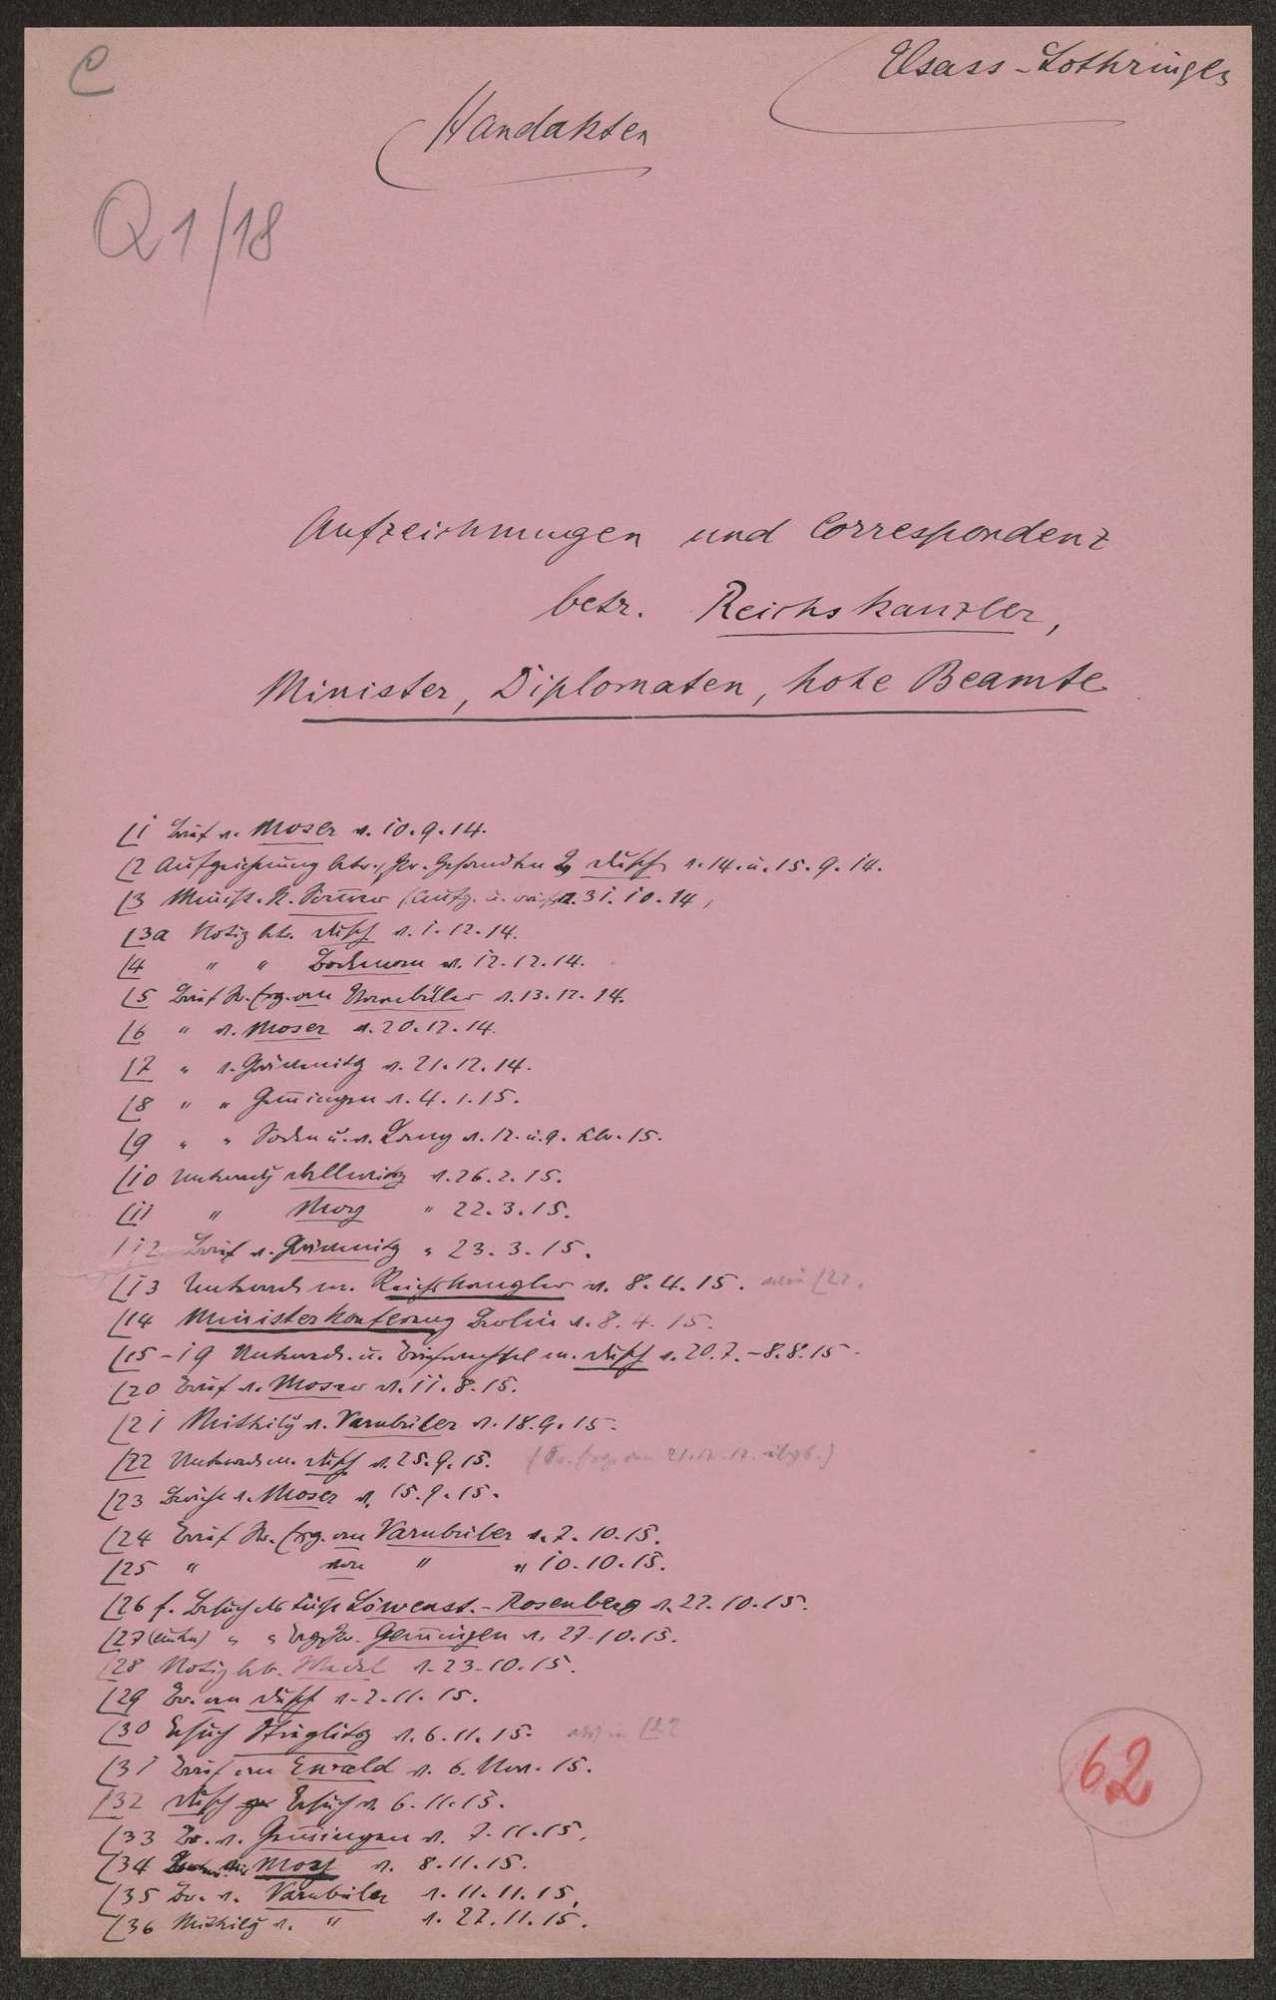 Die elsaß-lothringische Frage. Aufzeichnungen und Korrespondenz mit Reichskanzler, Ministern, Diplomaten und hohen Beamten (mit Inhaltsübersicht), Bild 1